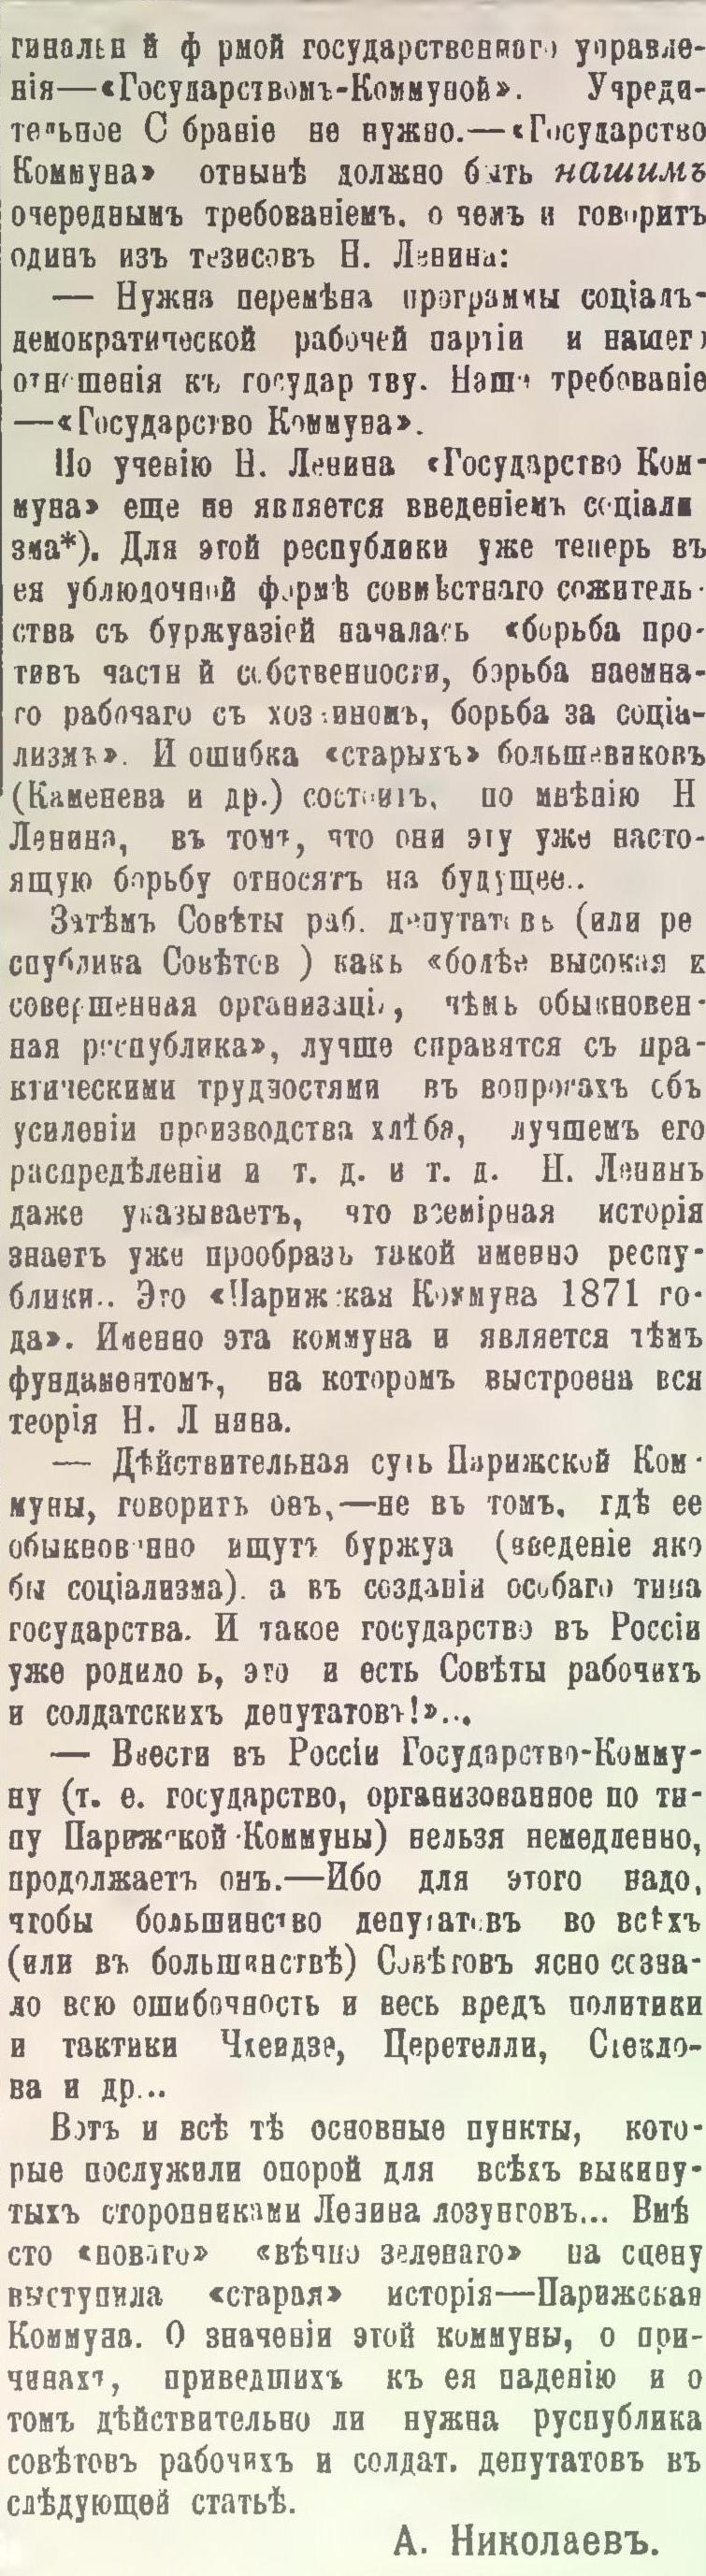 Что требует Ленин_2.jpg